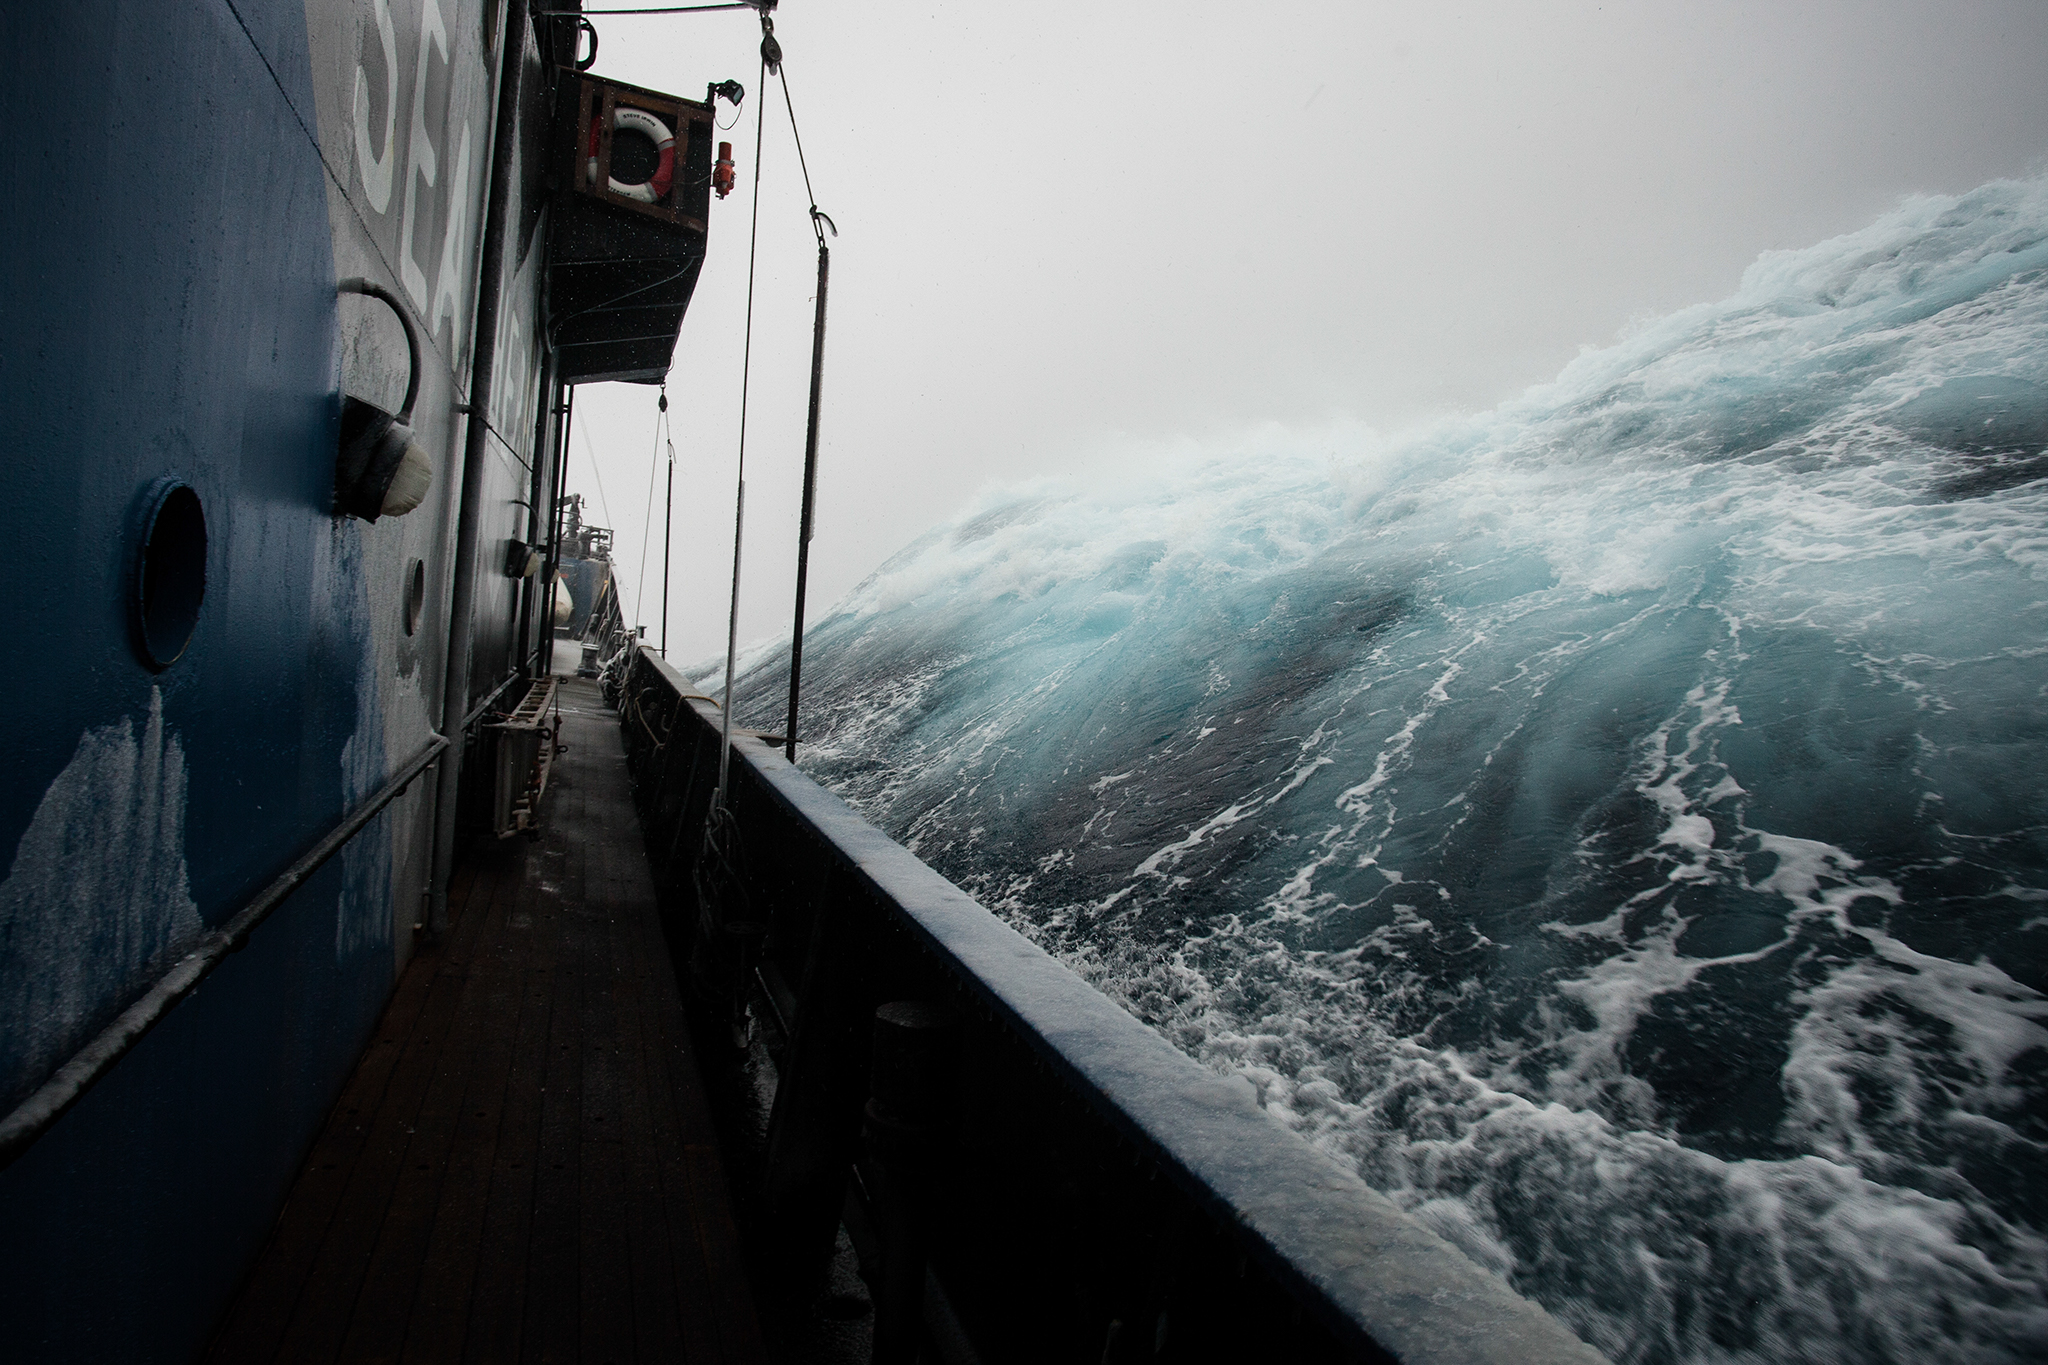 019-TW-Antarctica-140307.jpg